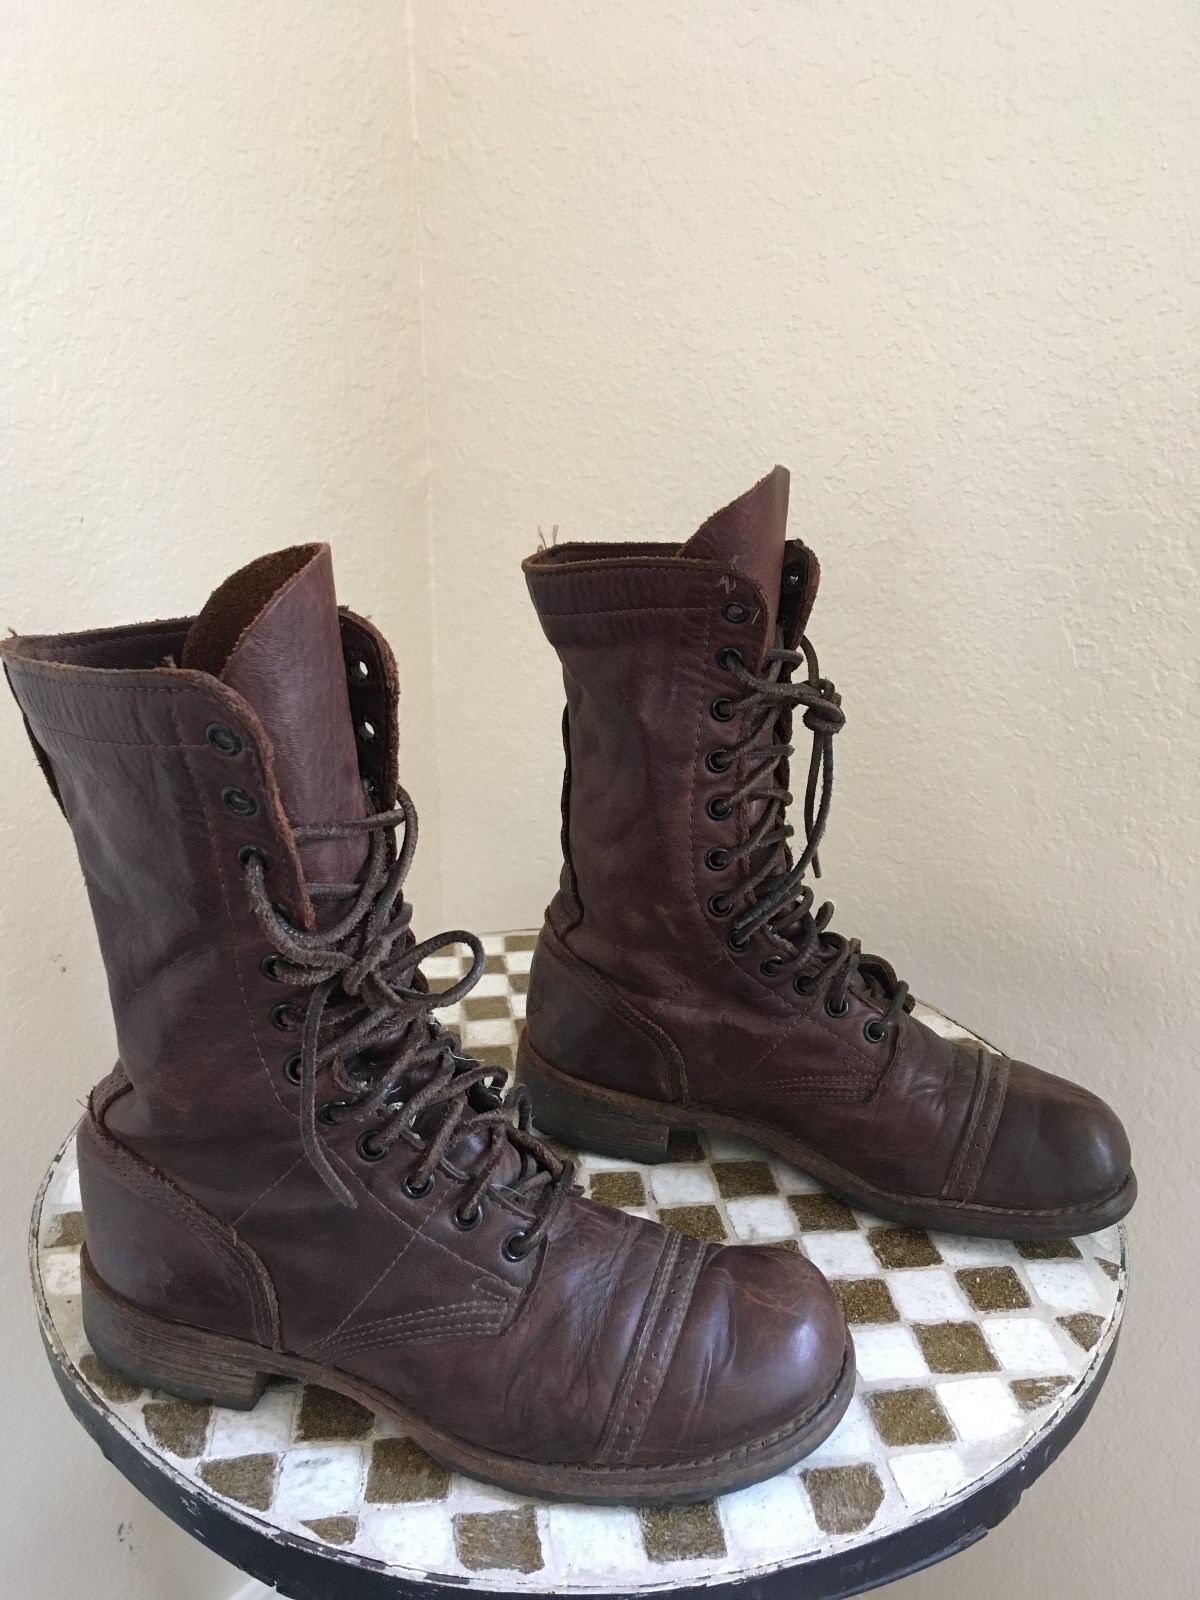 EE. UU. Clásico botas Vintage Marrón botas botas botas Con Cordones abuela urbana de la ciudad 6.5 B  precios mas bajos